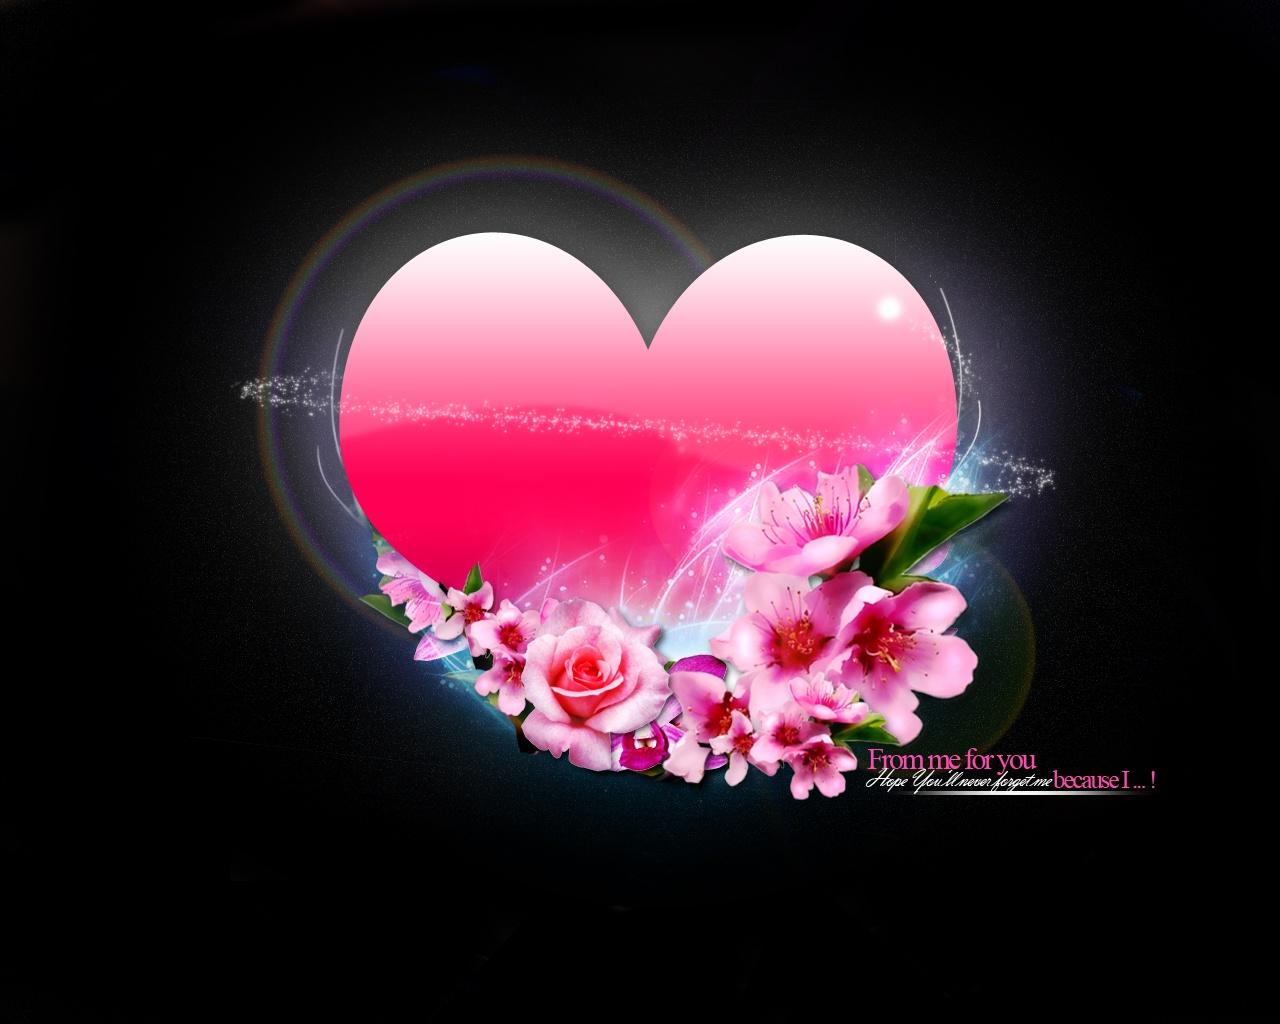 Love wallpaper hd AMMA 1280x1024